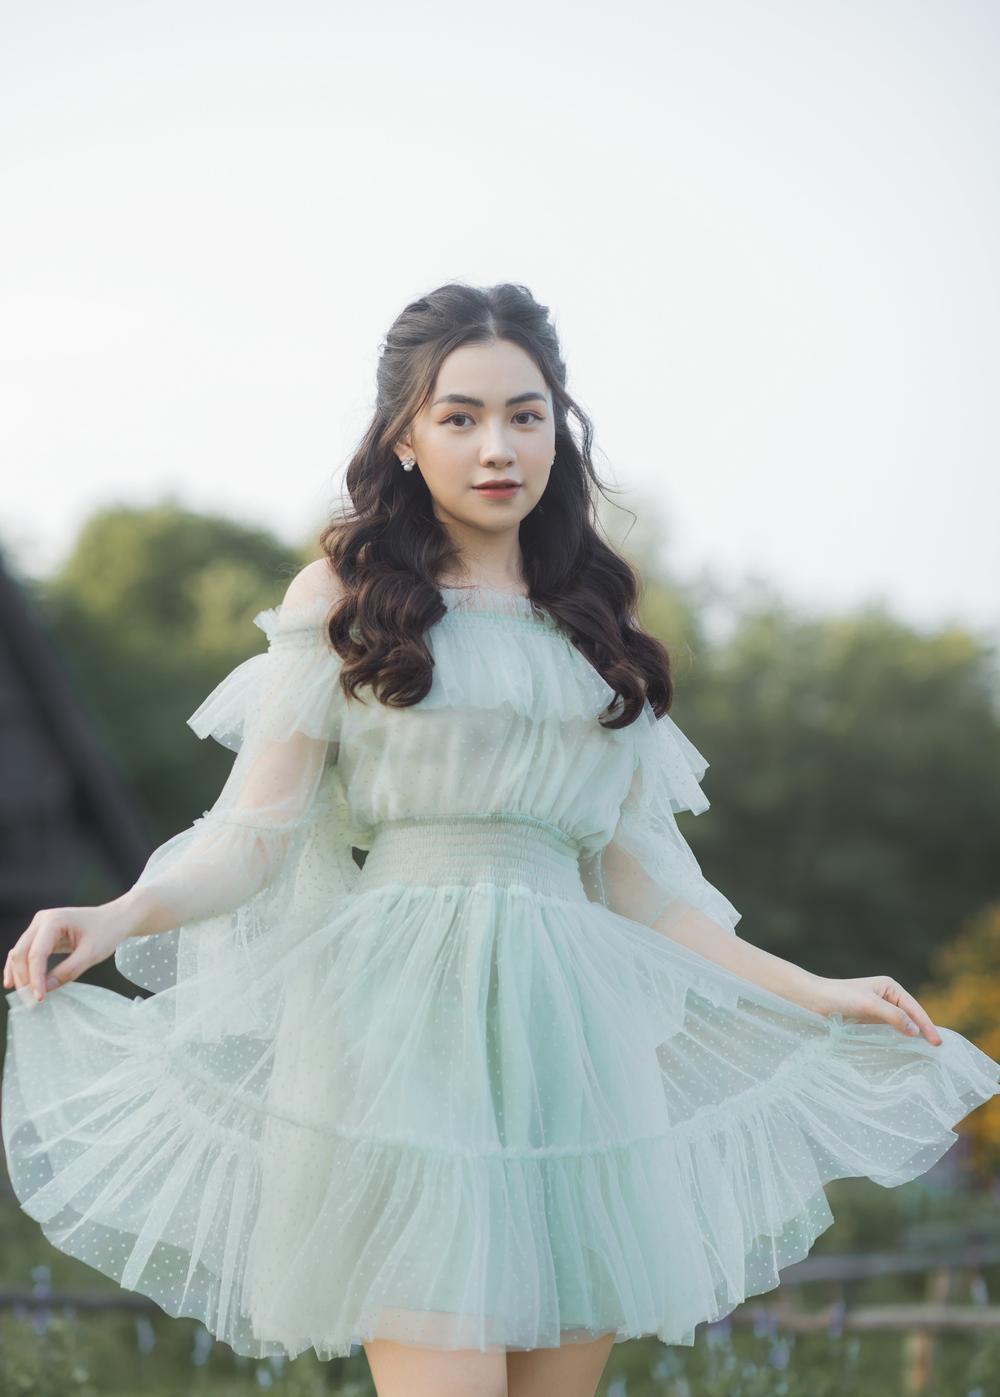 Nữ sinh ĐH Văn hóa nghệ thuật Quân đội với ngoại hình xinh đẹp, chia sẻ niềm đam mê đặc biệt với âm nhạc Ảnh 7